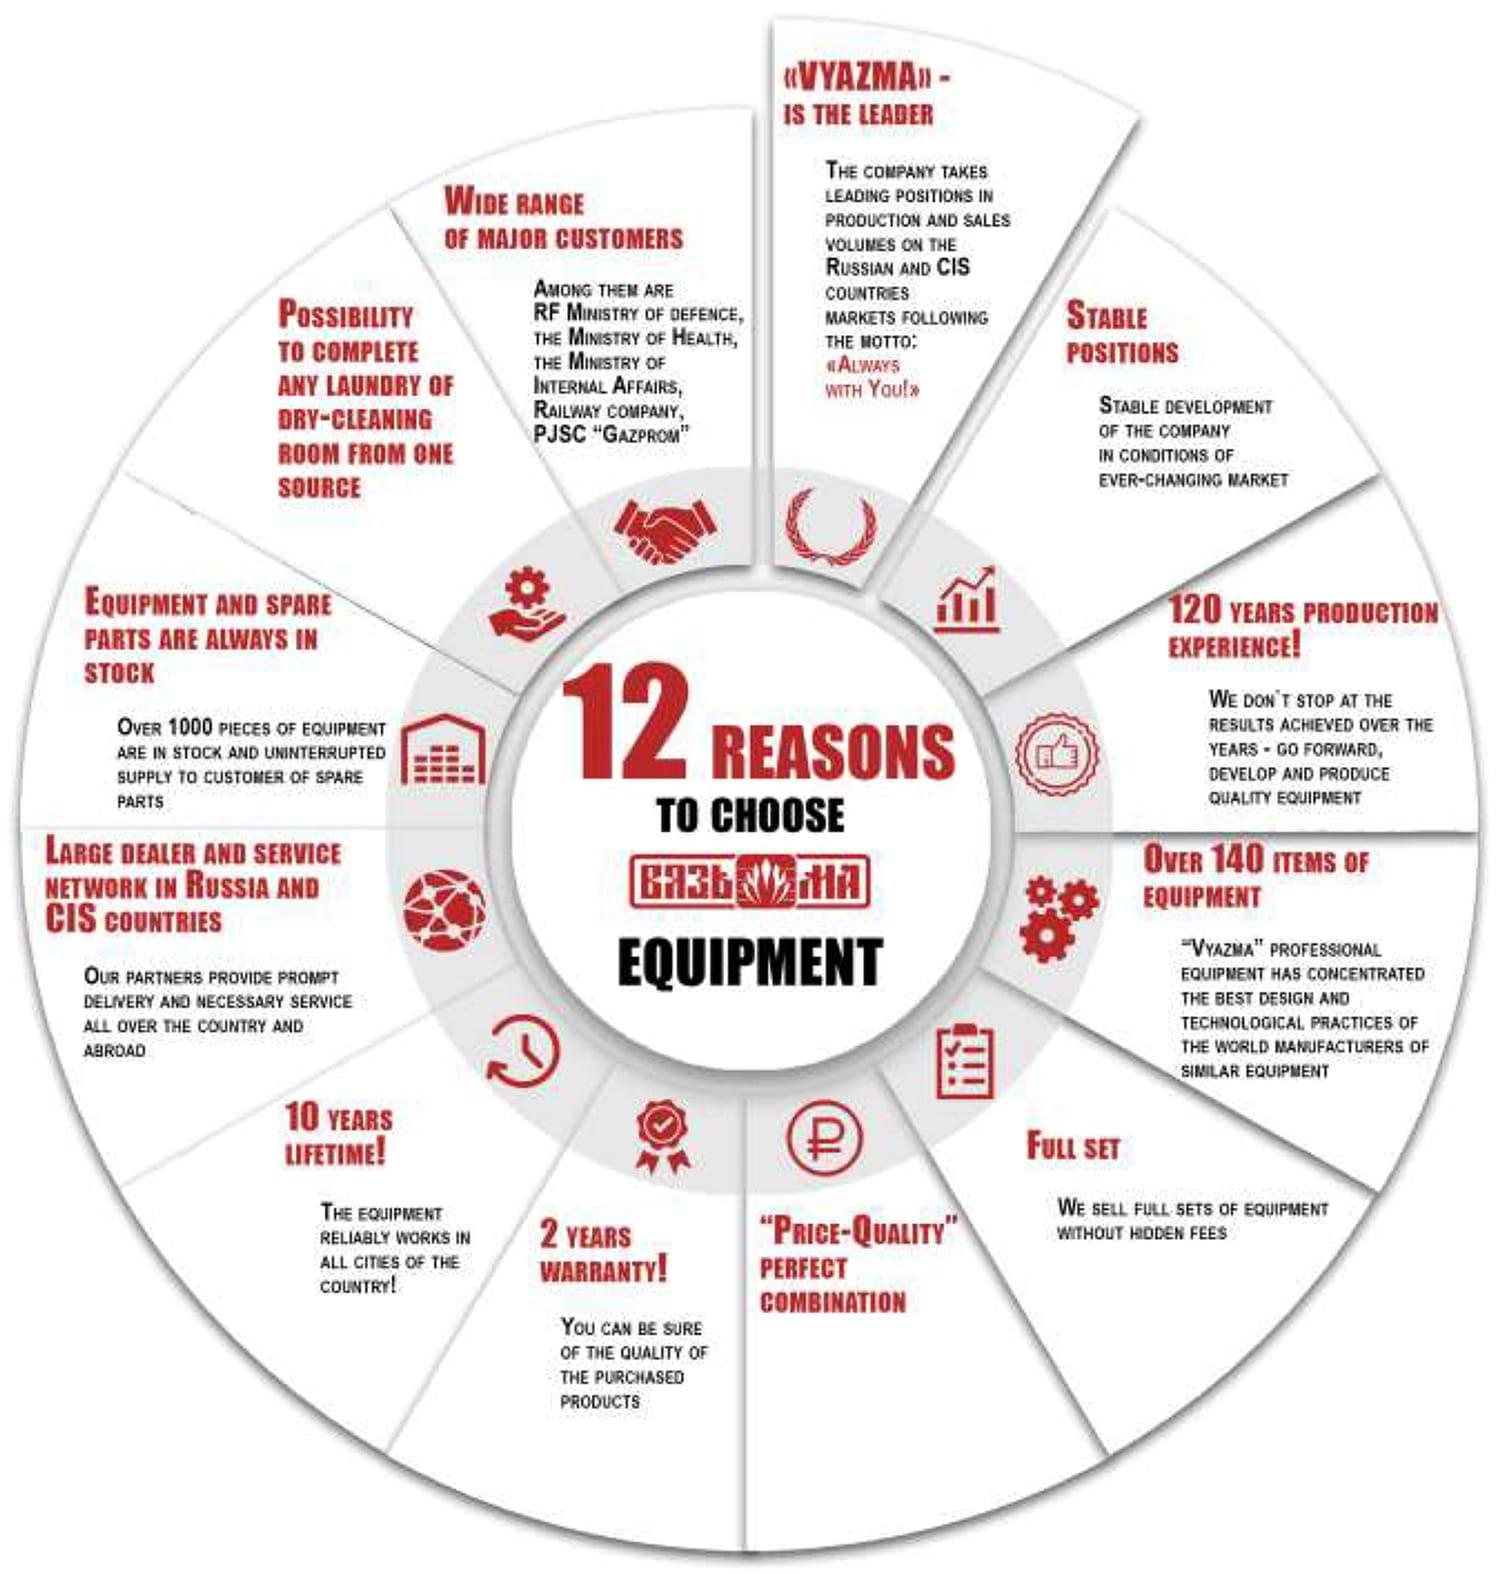 12 เหตุผลที่ควรเลือกเครื่องซักอบผ้าอุตสาหกรรม VYAZMA